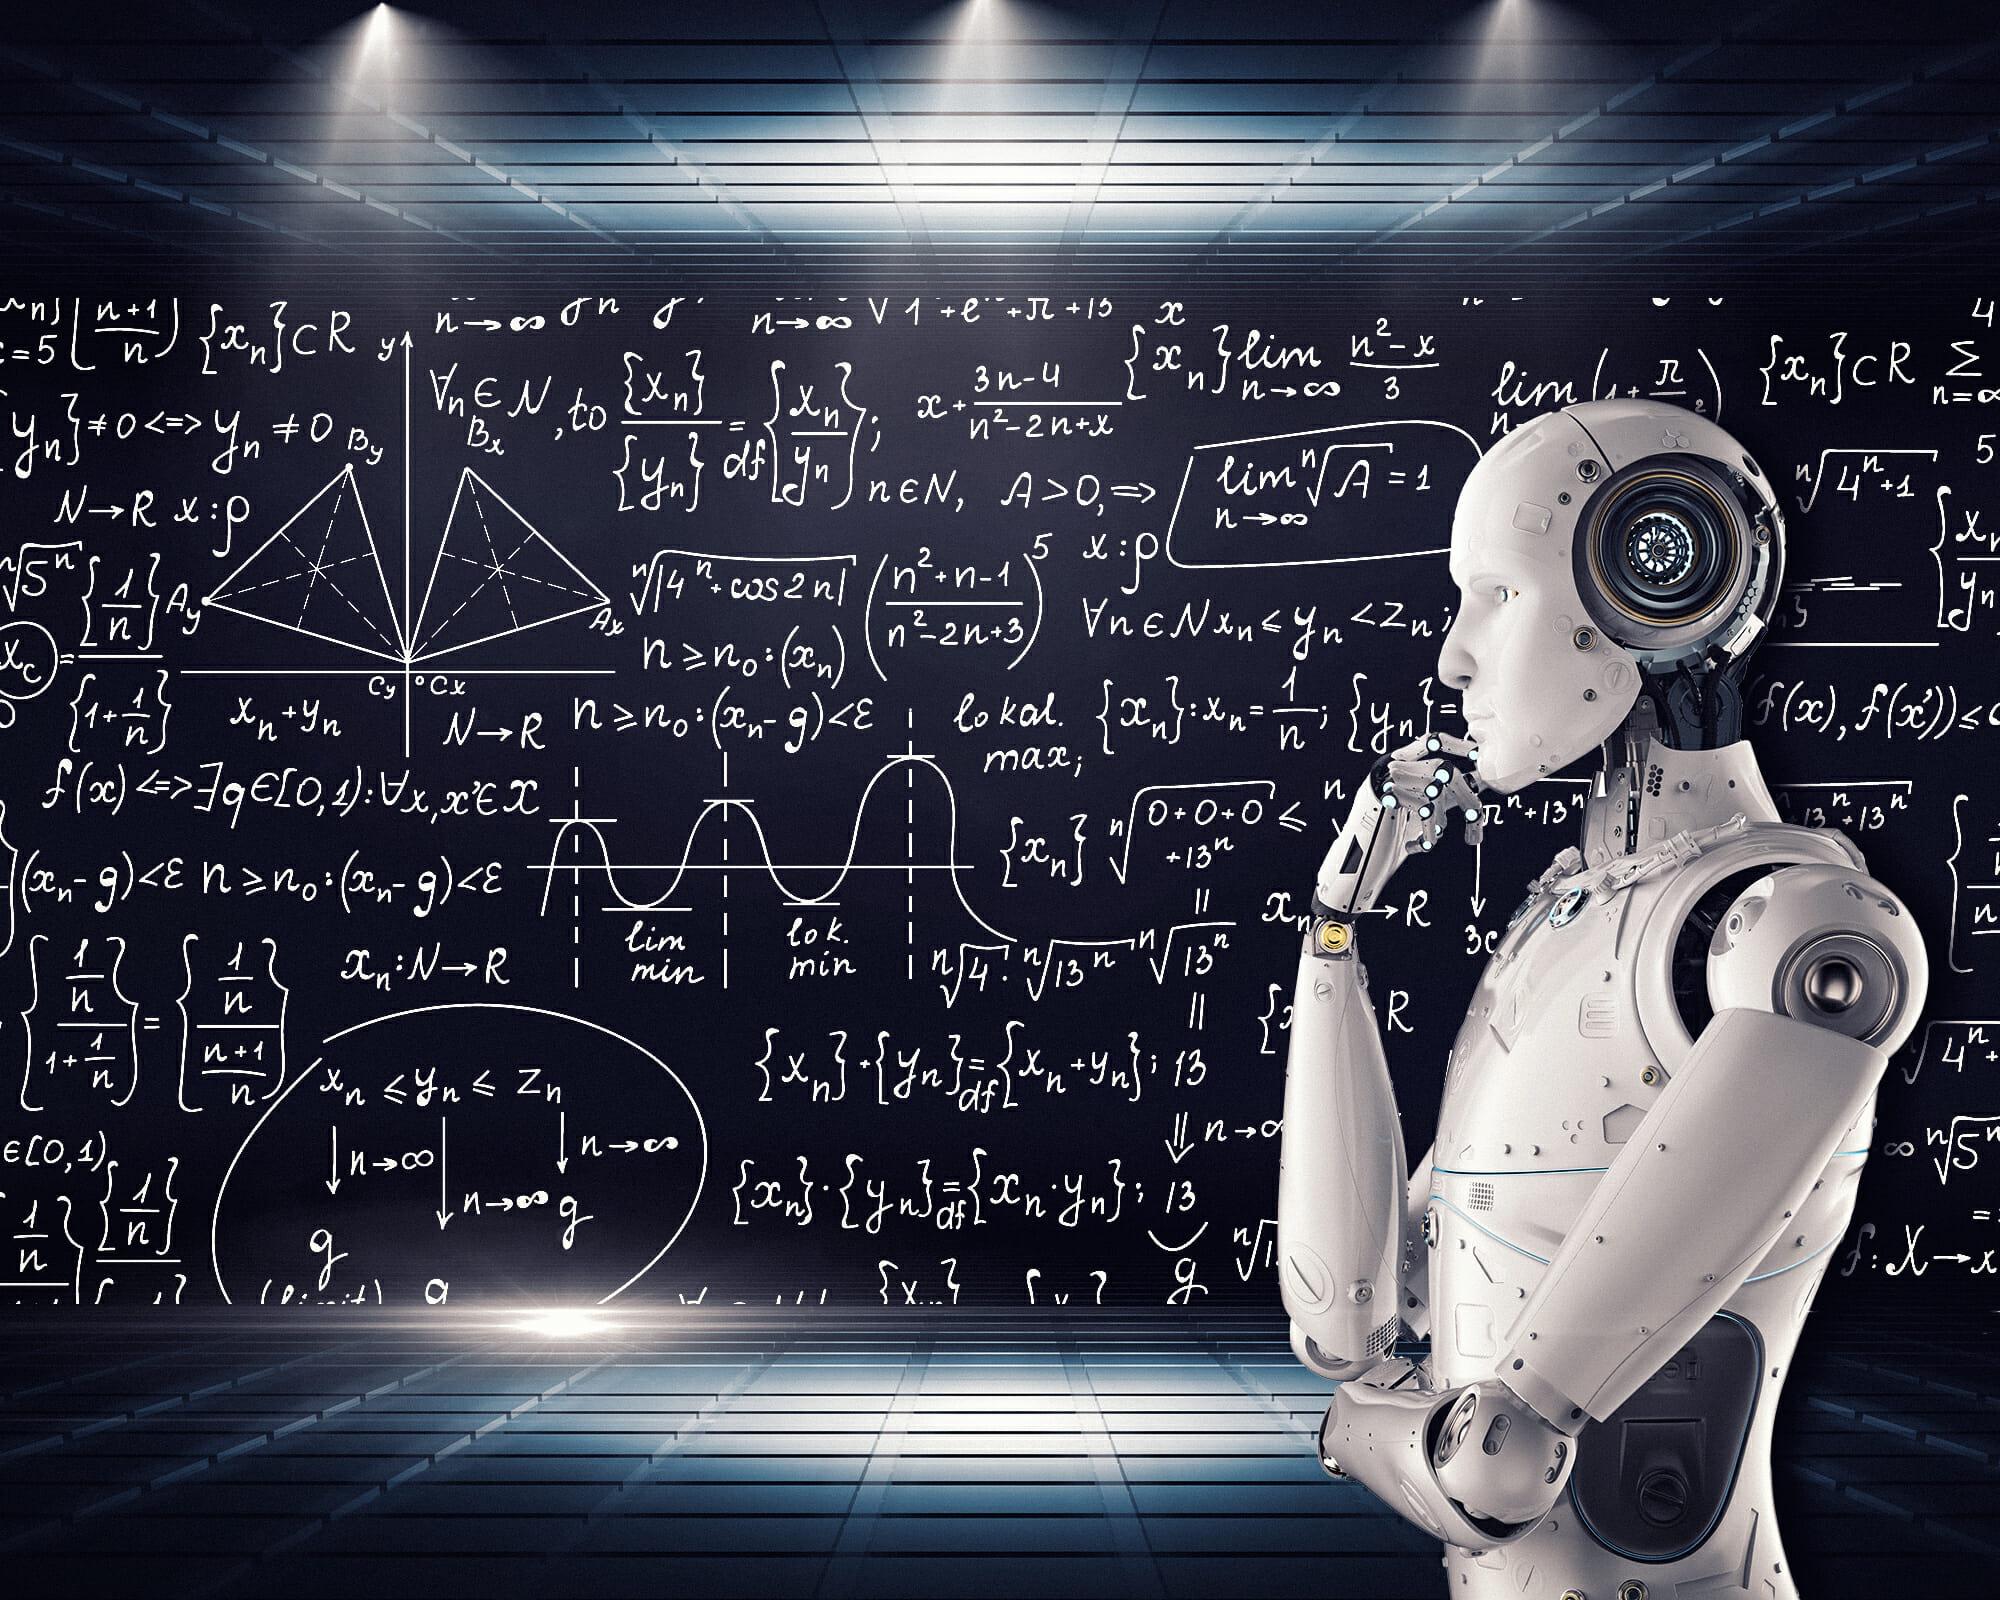 Eksperter: Kunstig intelligens er blevet et etisk minefelt